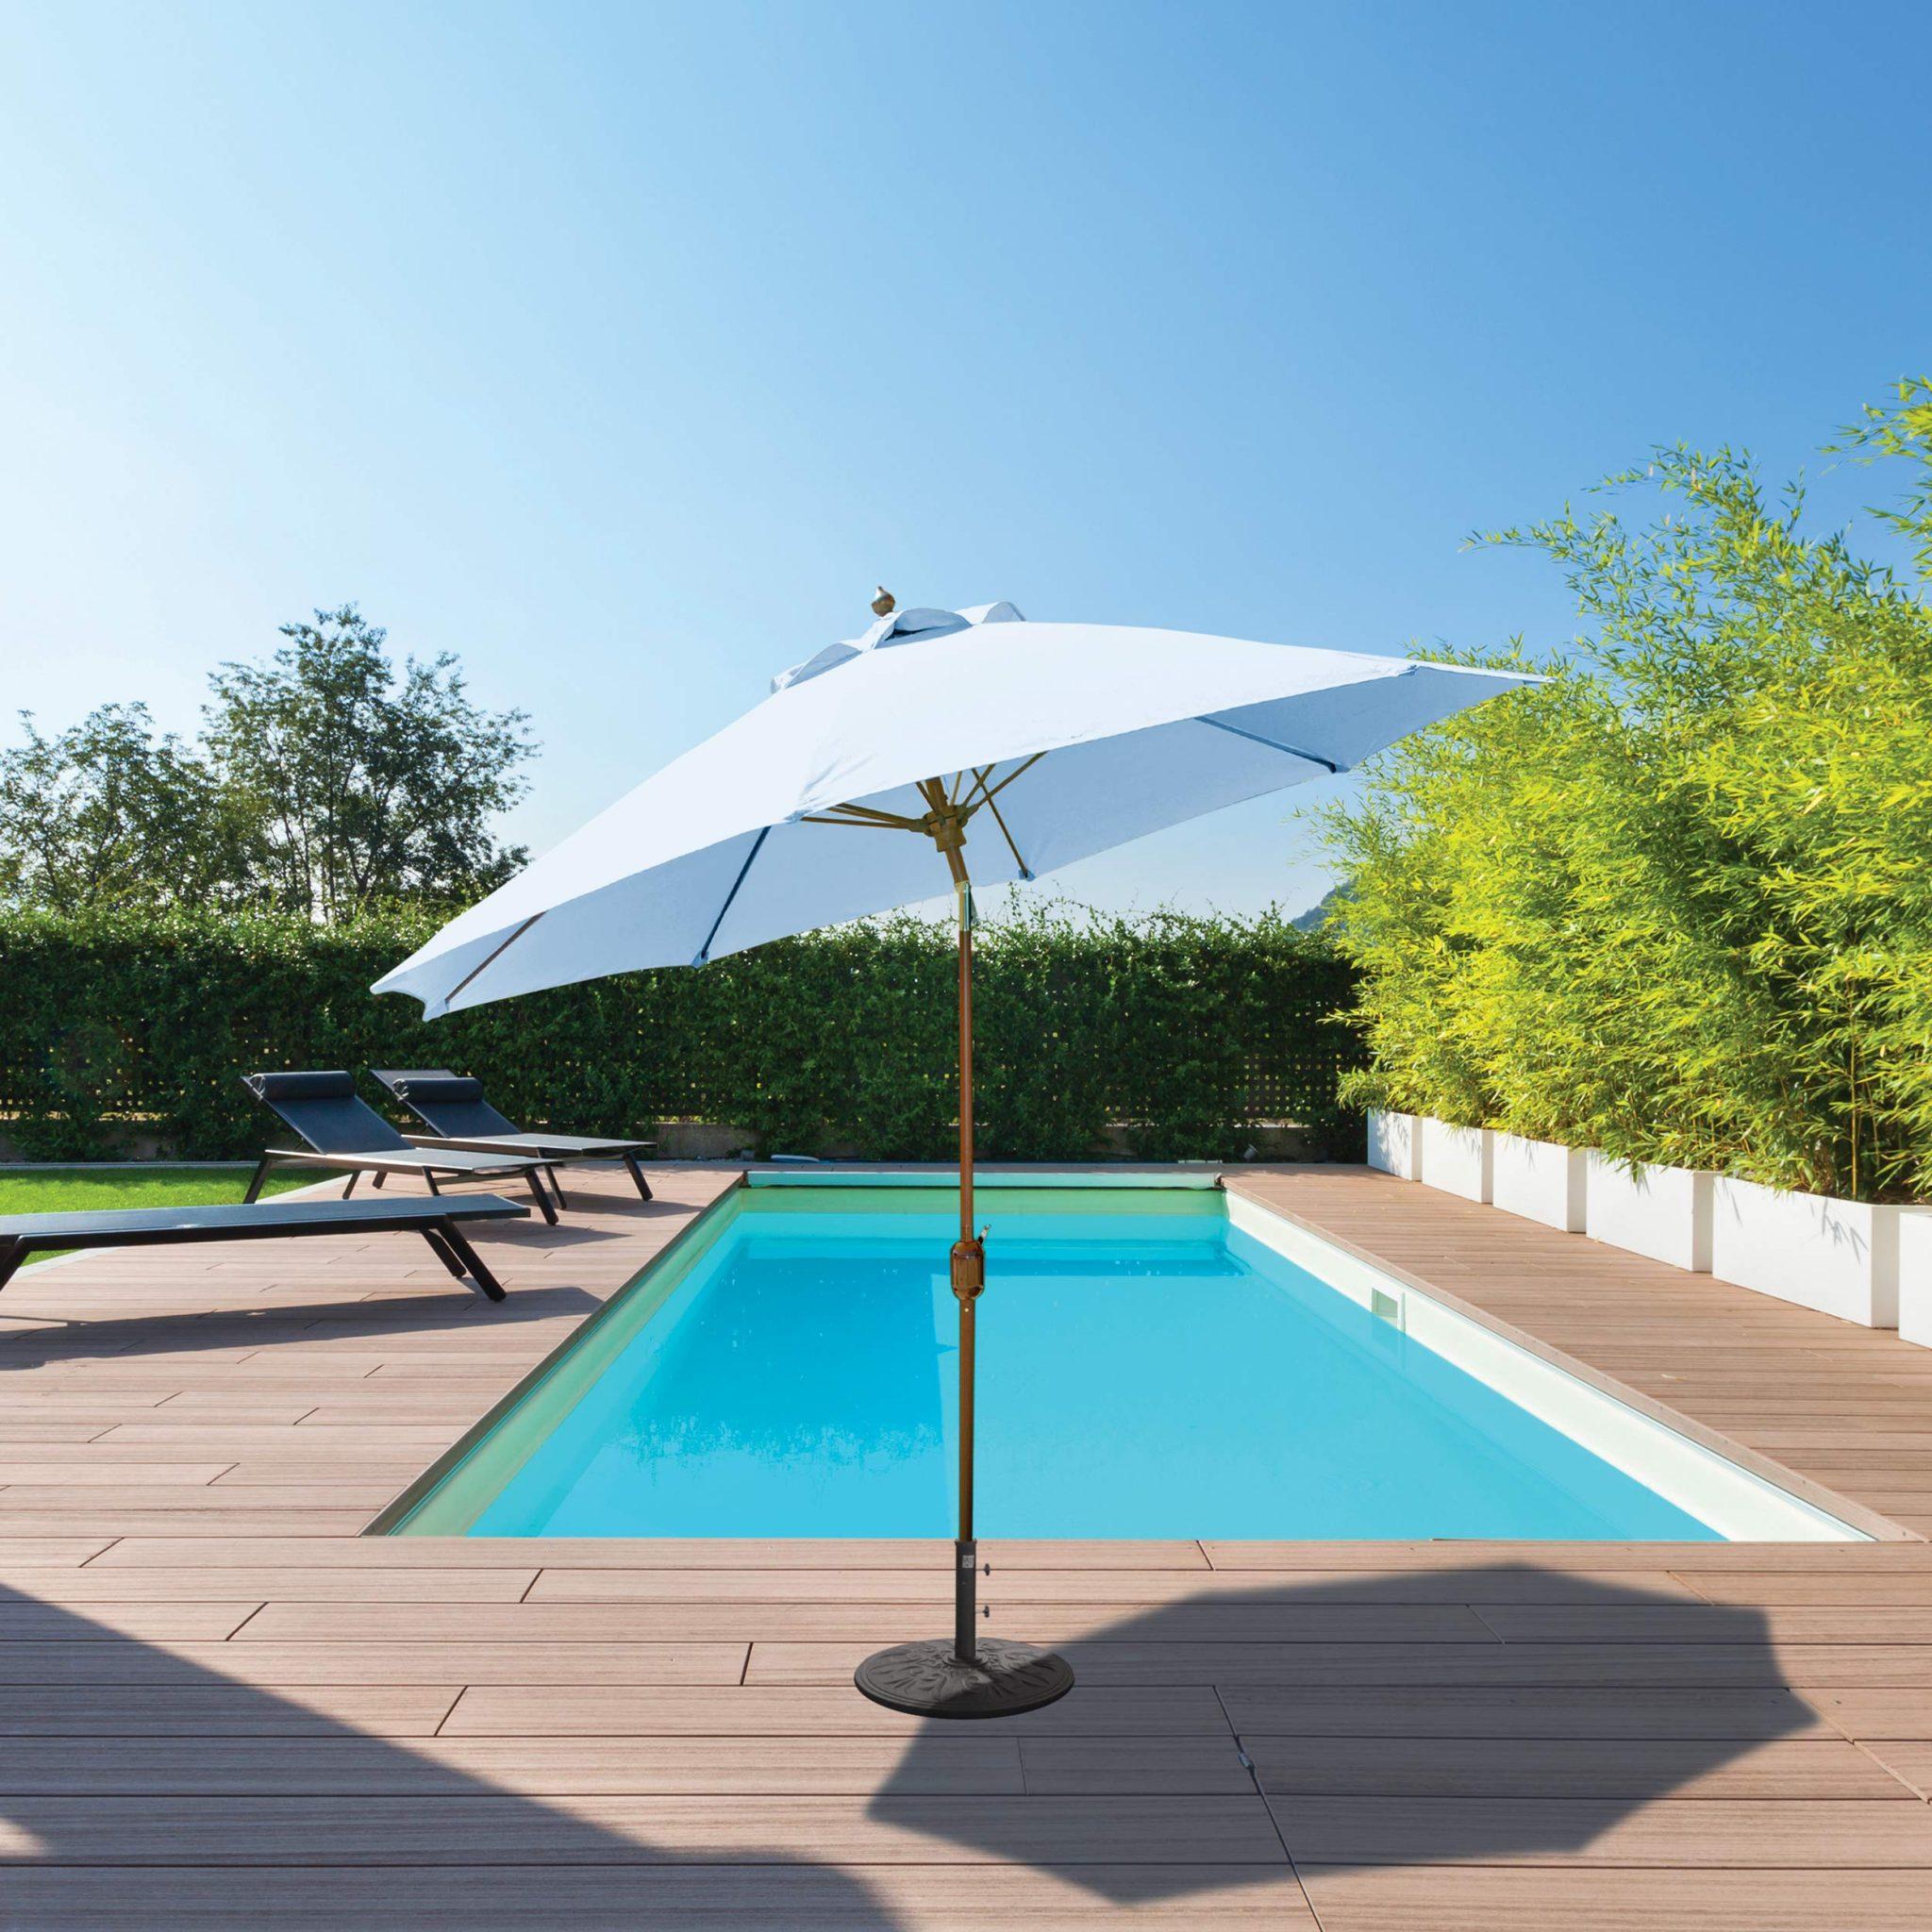 Galtech 736 Patio Umbrella